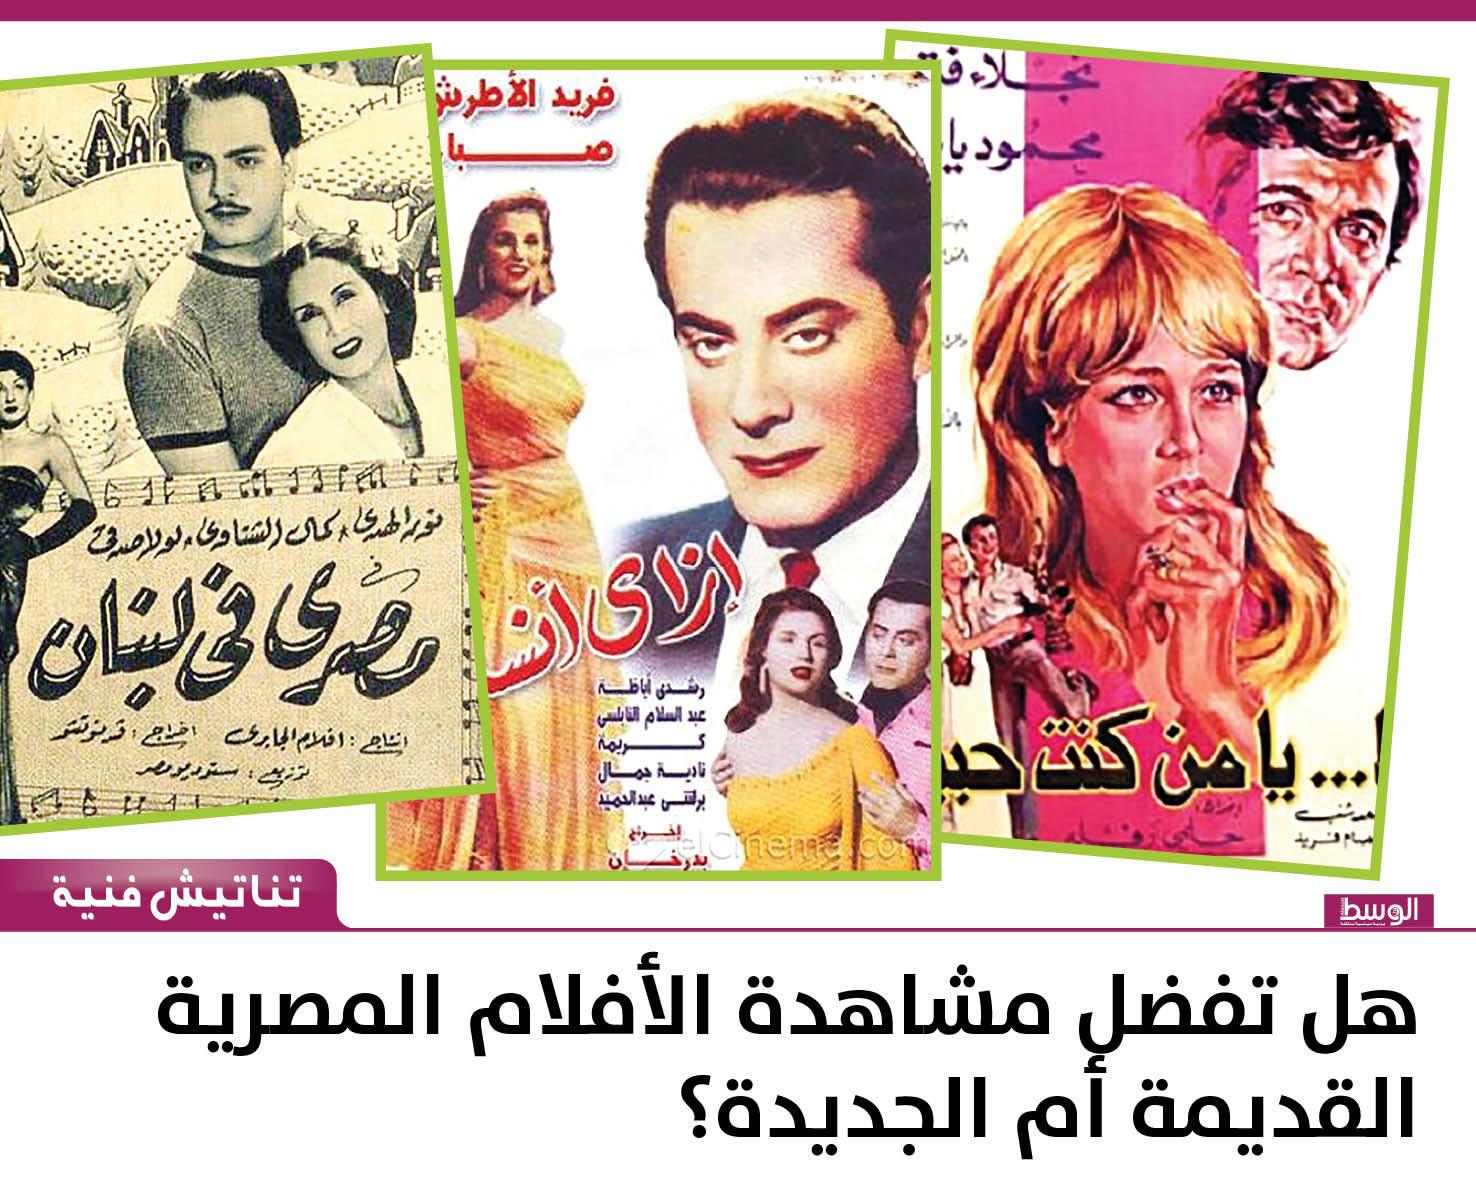 هل تفضل مشاهدة الأفلام المصرية القديمة أم الجديدة منوعات